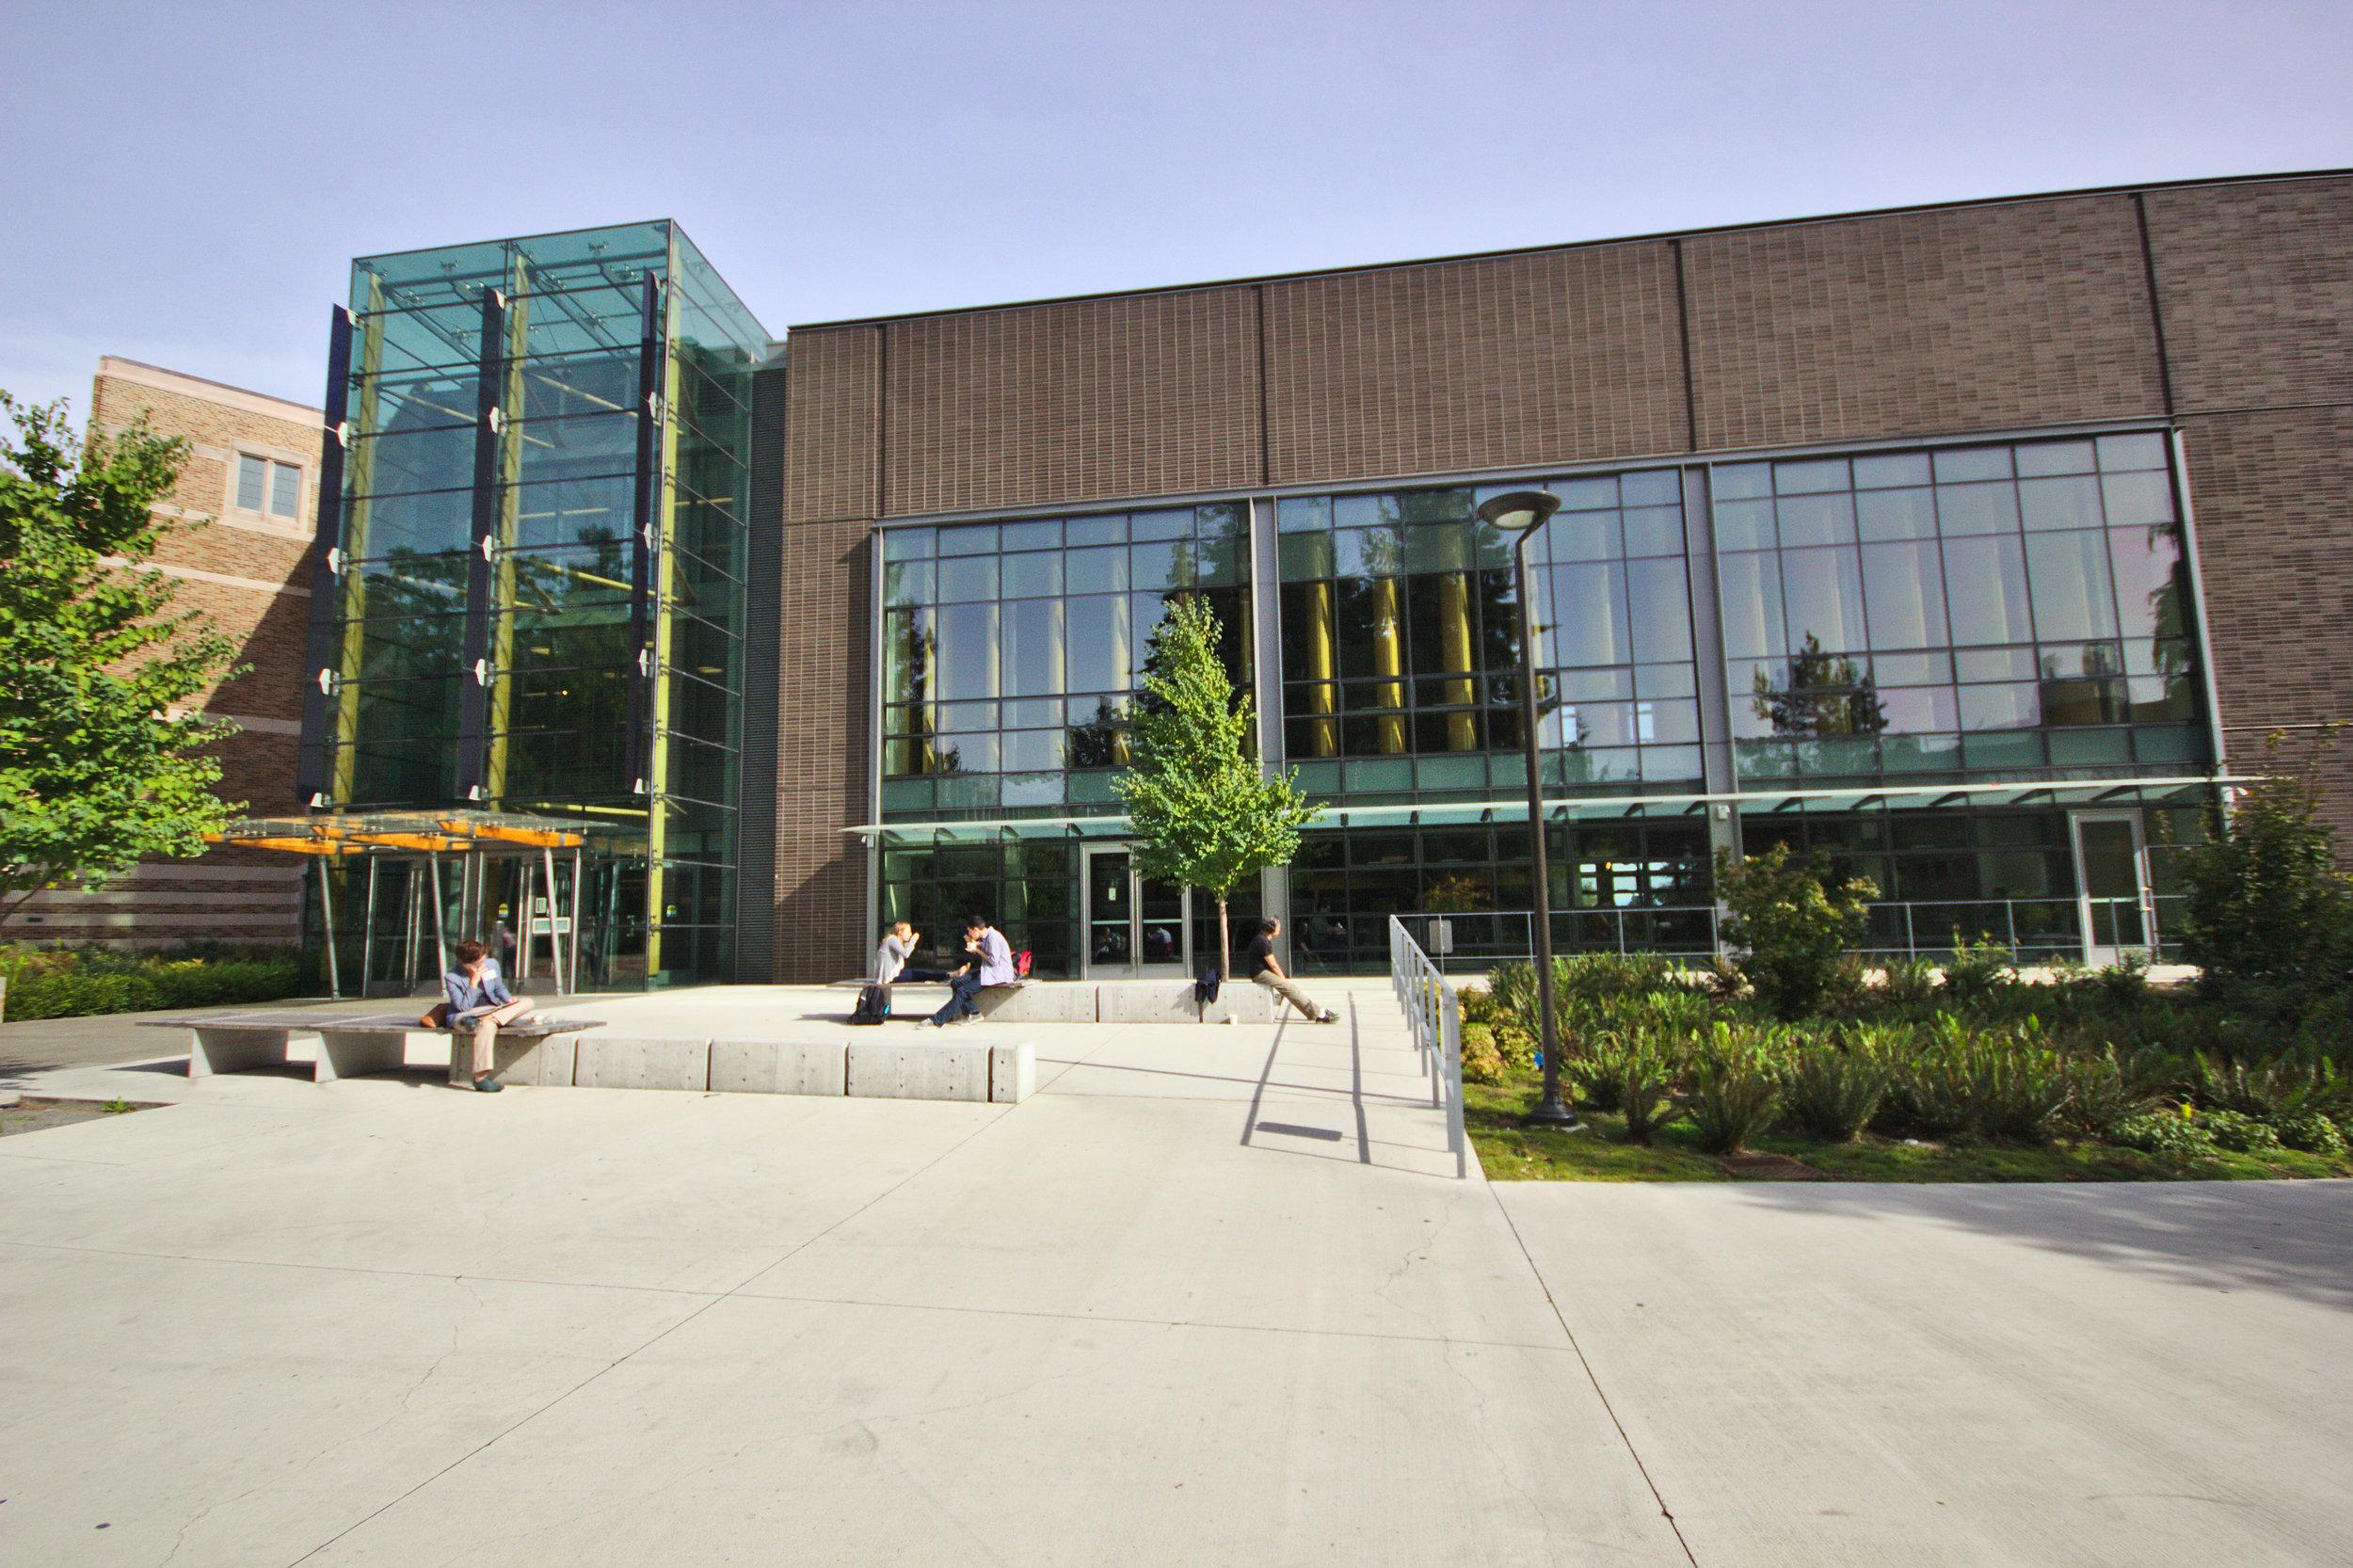 Husky_Union_Building,_southwest_entrance,_2014-10-13.jpg